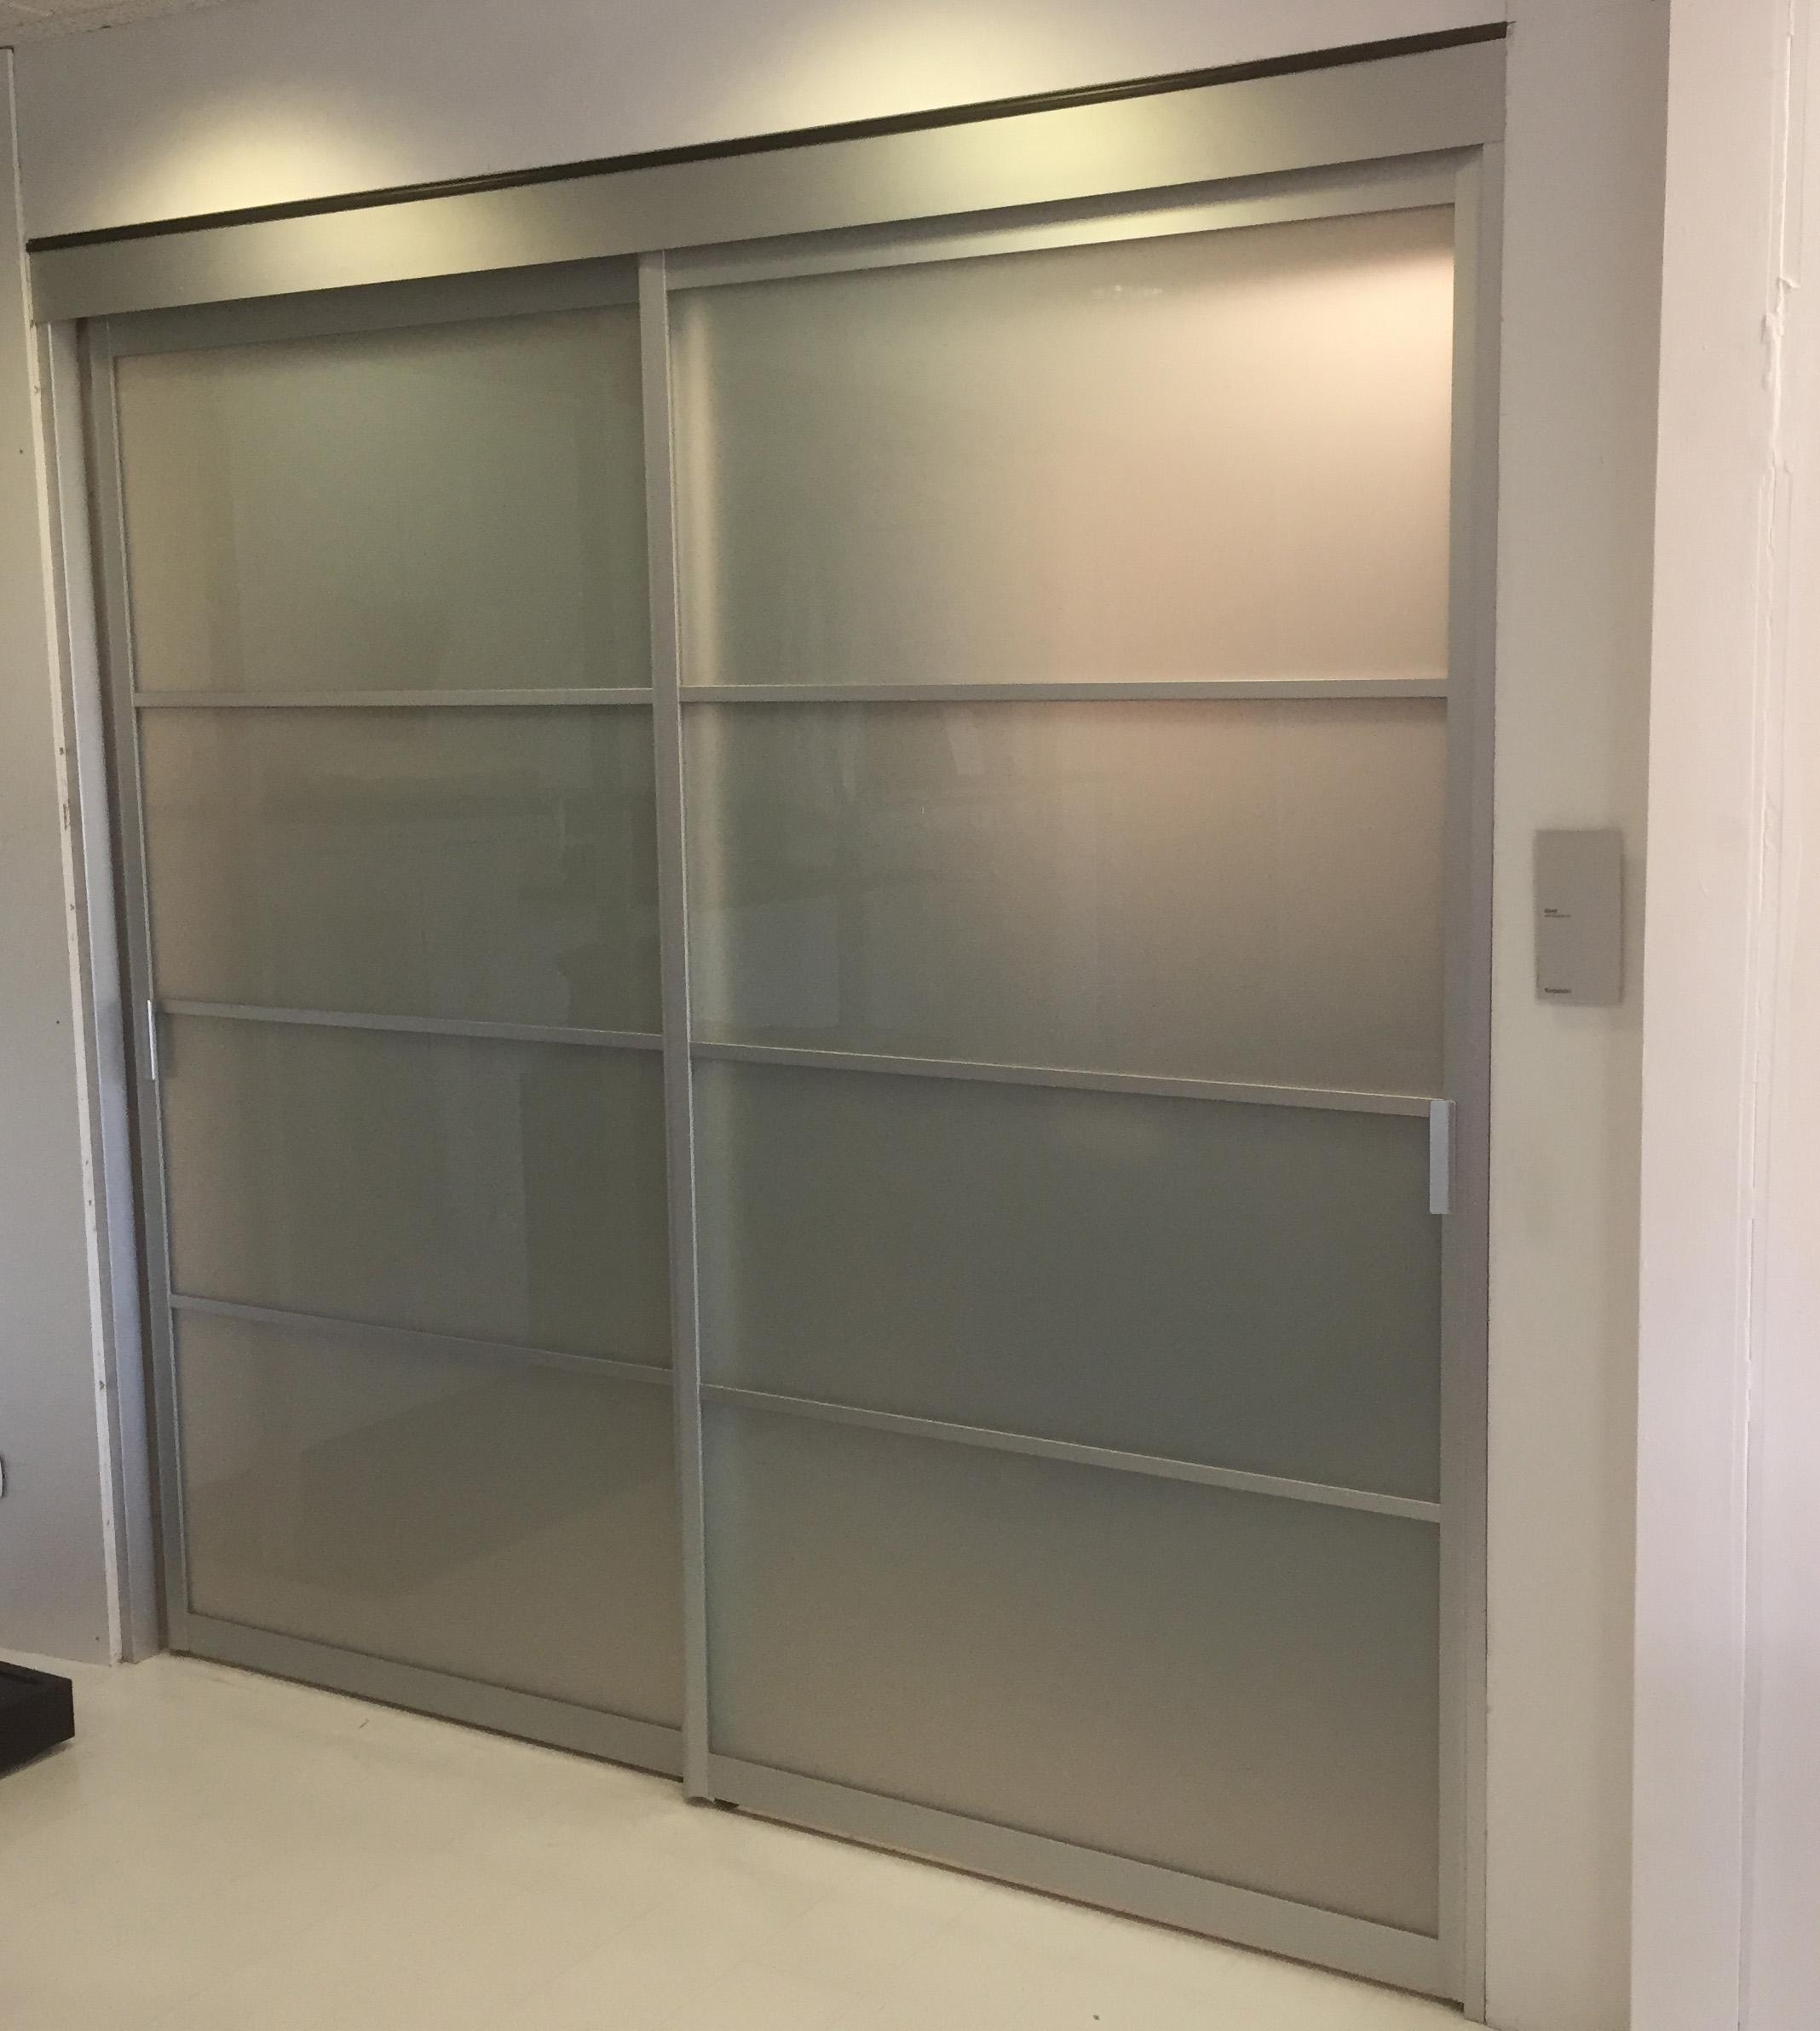 Porta scorrevole rimadesio siparium in vetro acidato - Porta vetro scorrevole prezzo ...